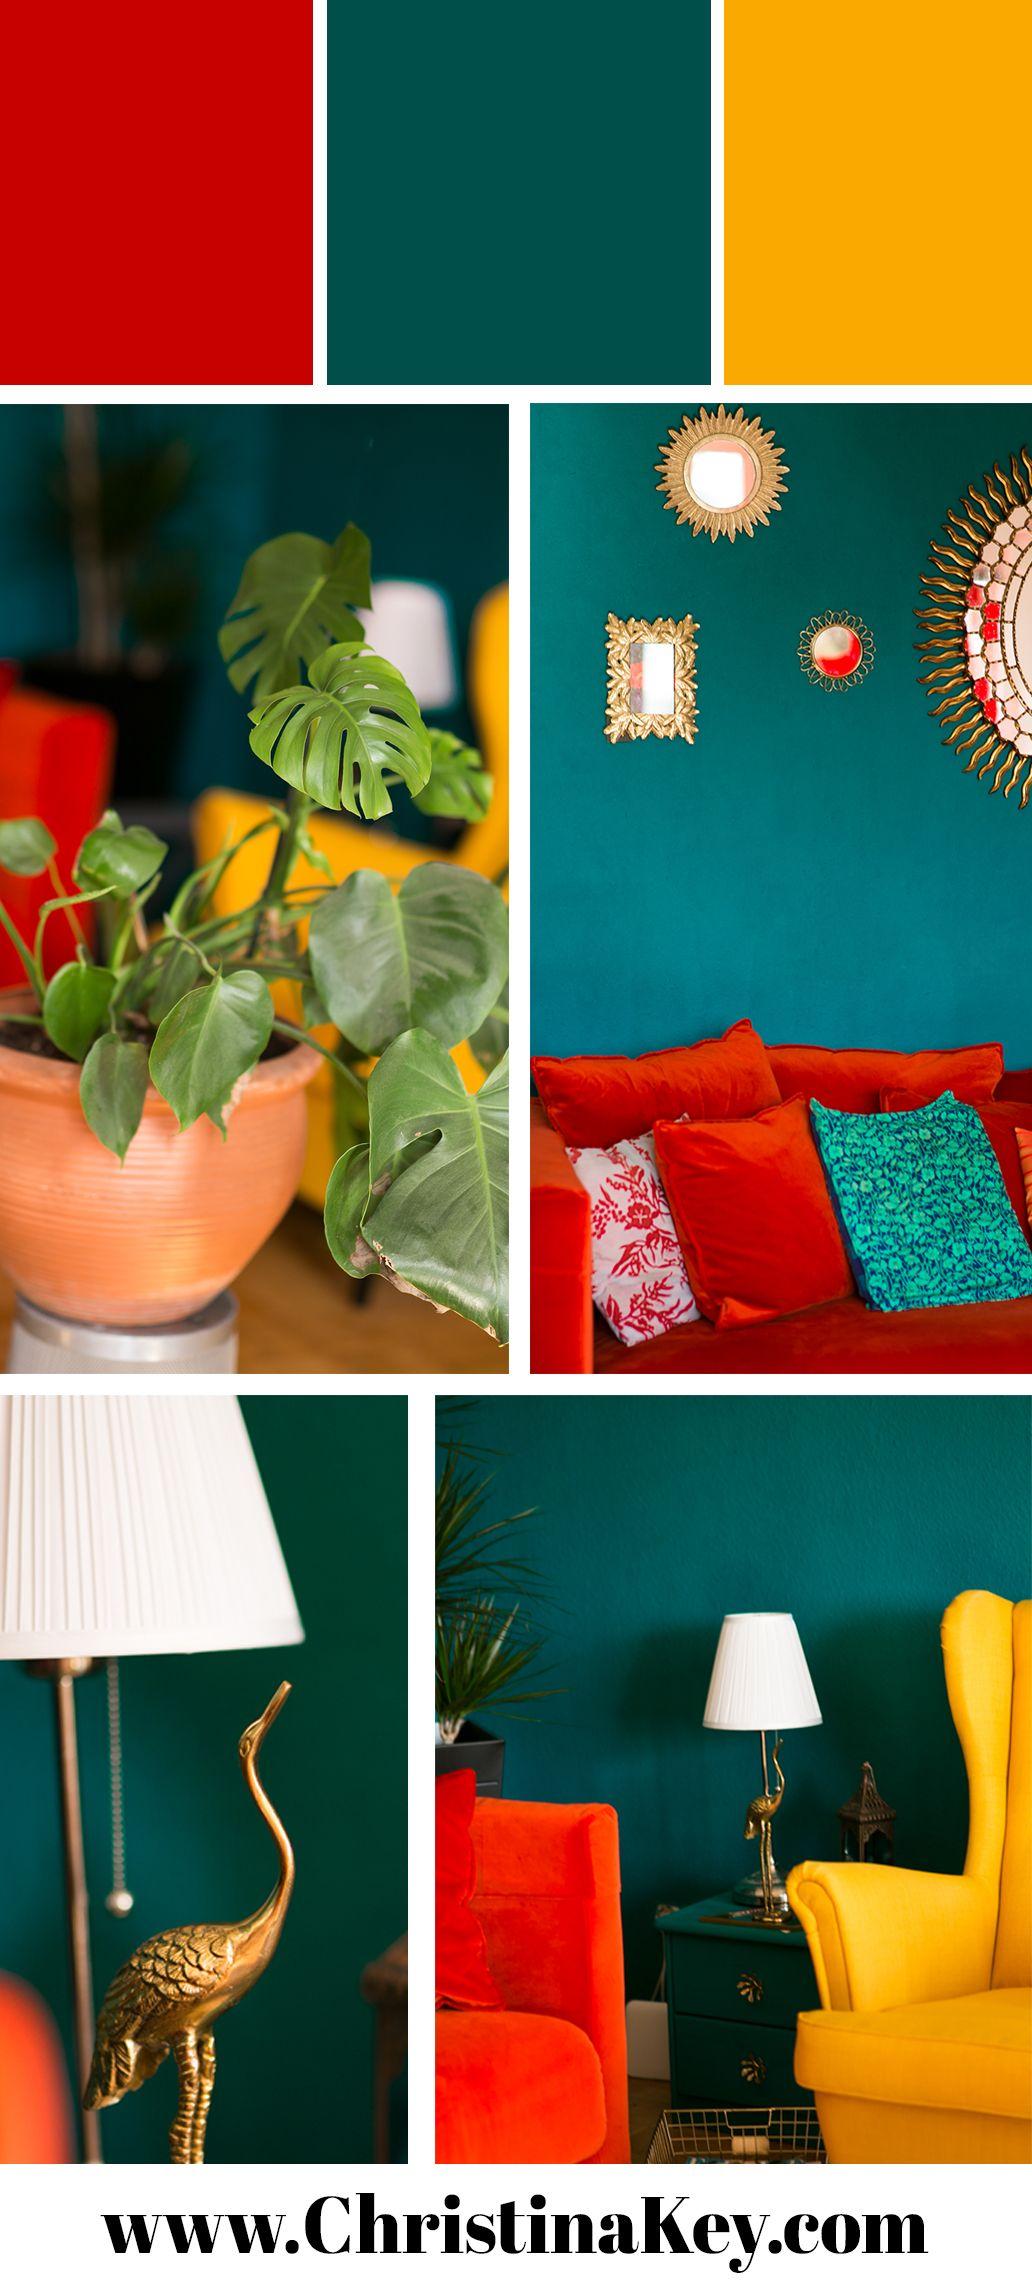 Update Wohnzimmer - farbenfrohe Einrichtung #selbstgemachtezimmerdeko